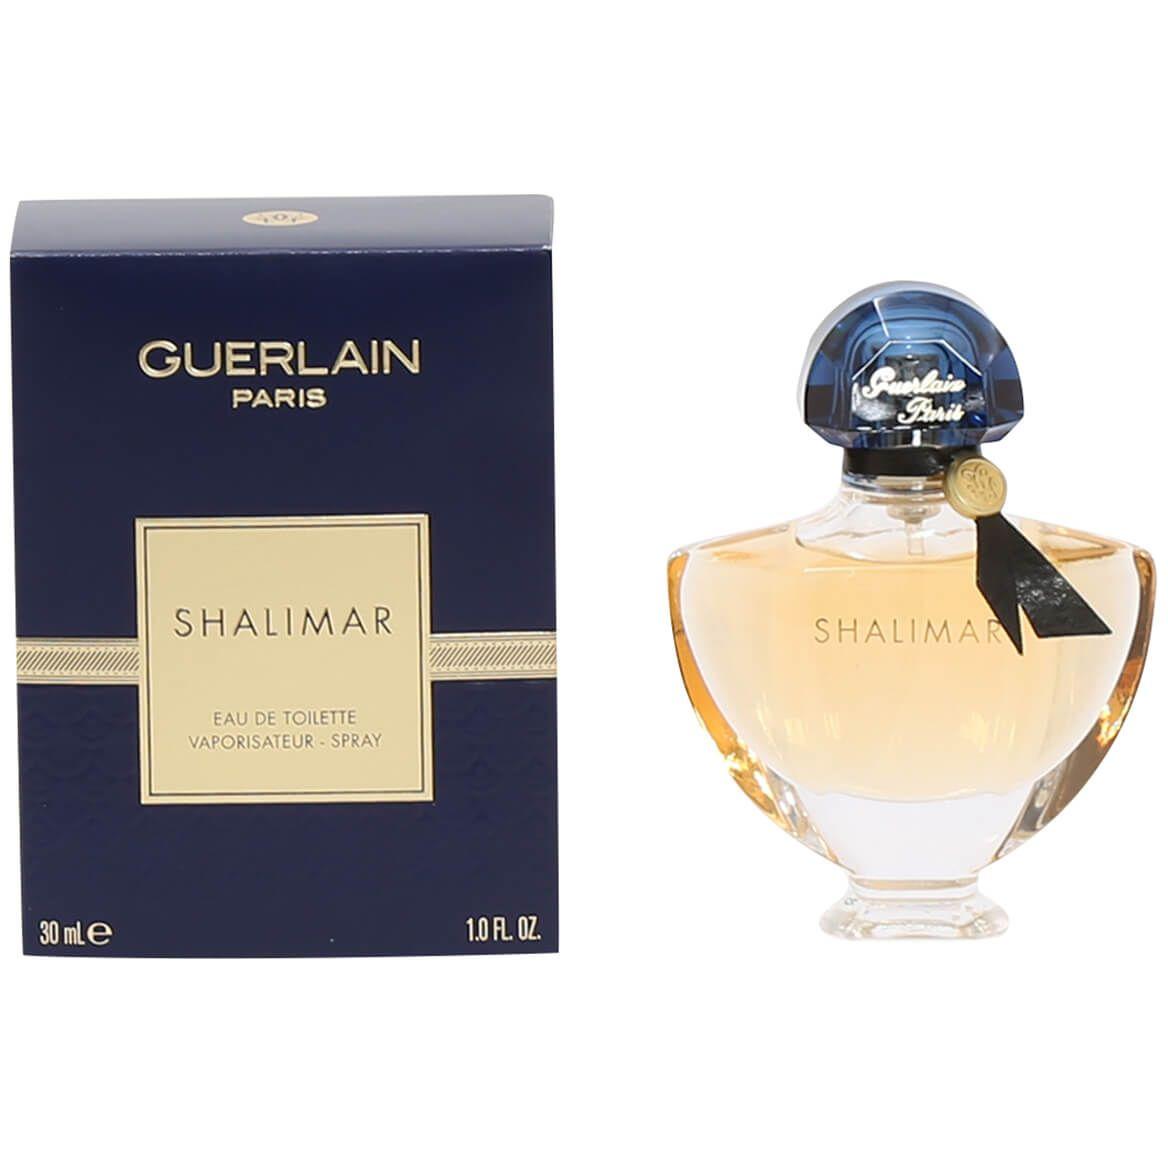 Guerlain Shalimar for Women EDT, 1 oz.-366845